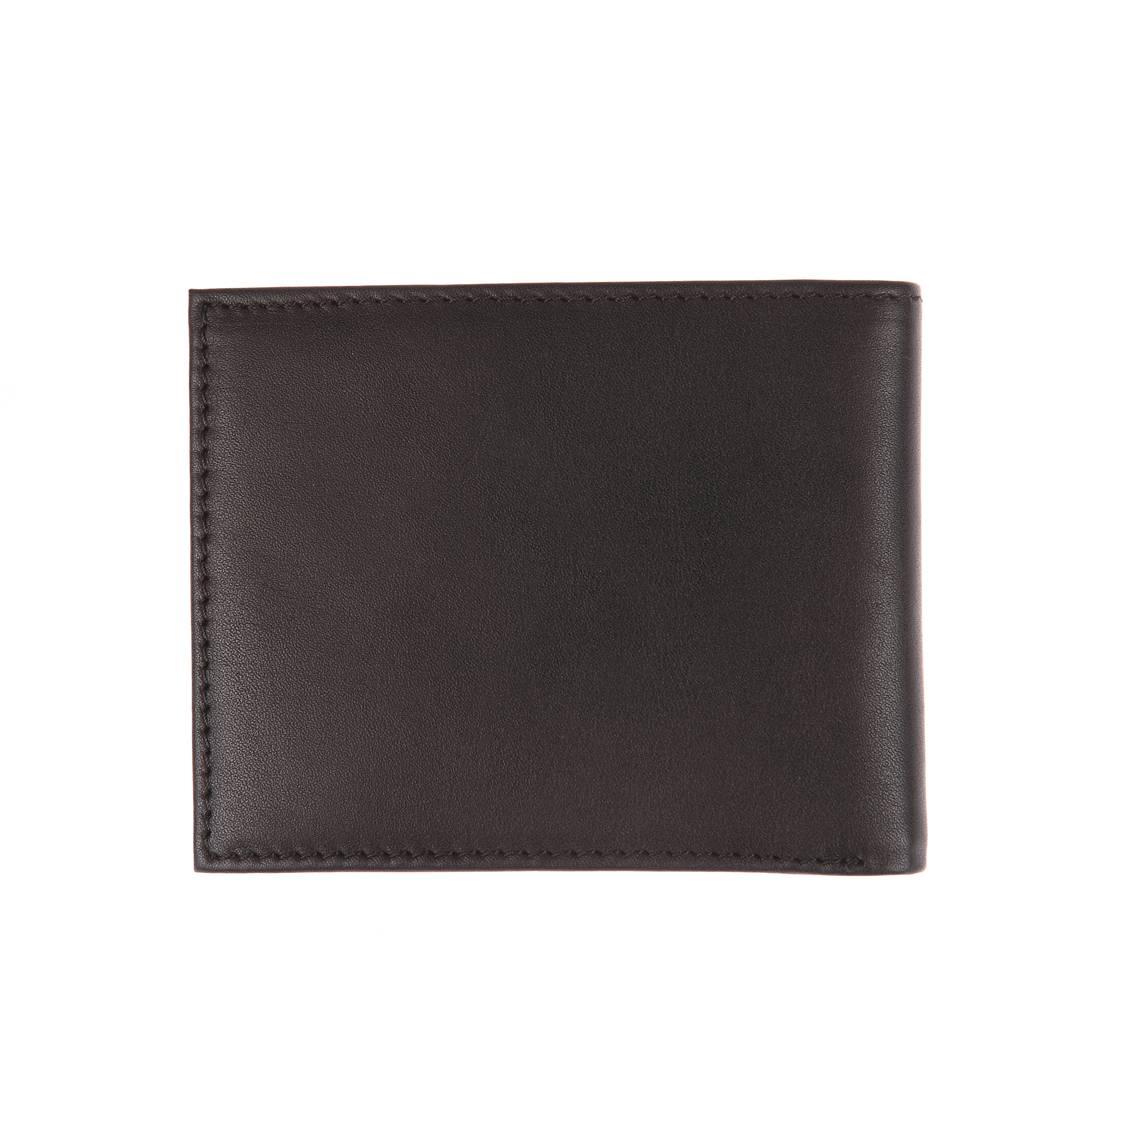 Petit portefeuille italien Eton Tommy Hilfiger à 2 volets en cuir lisse noir Qb0jM0z2su